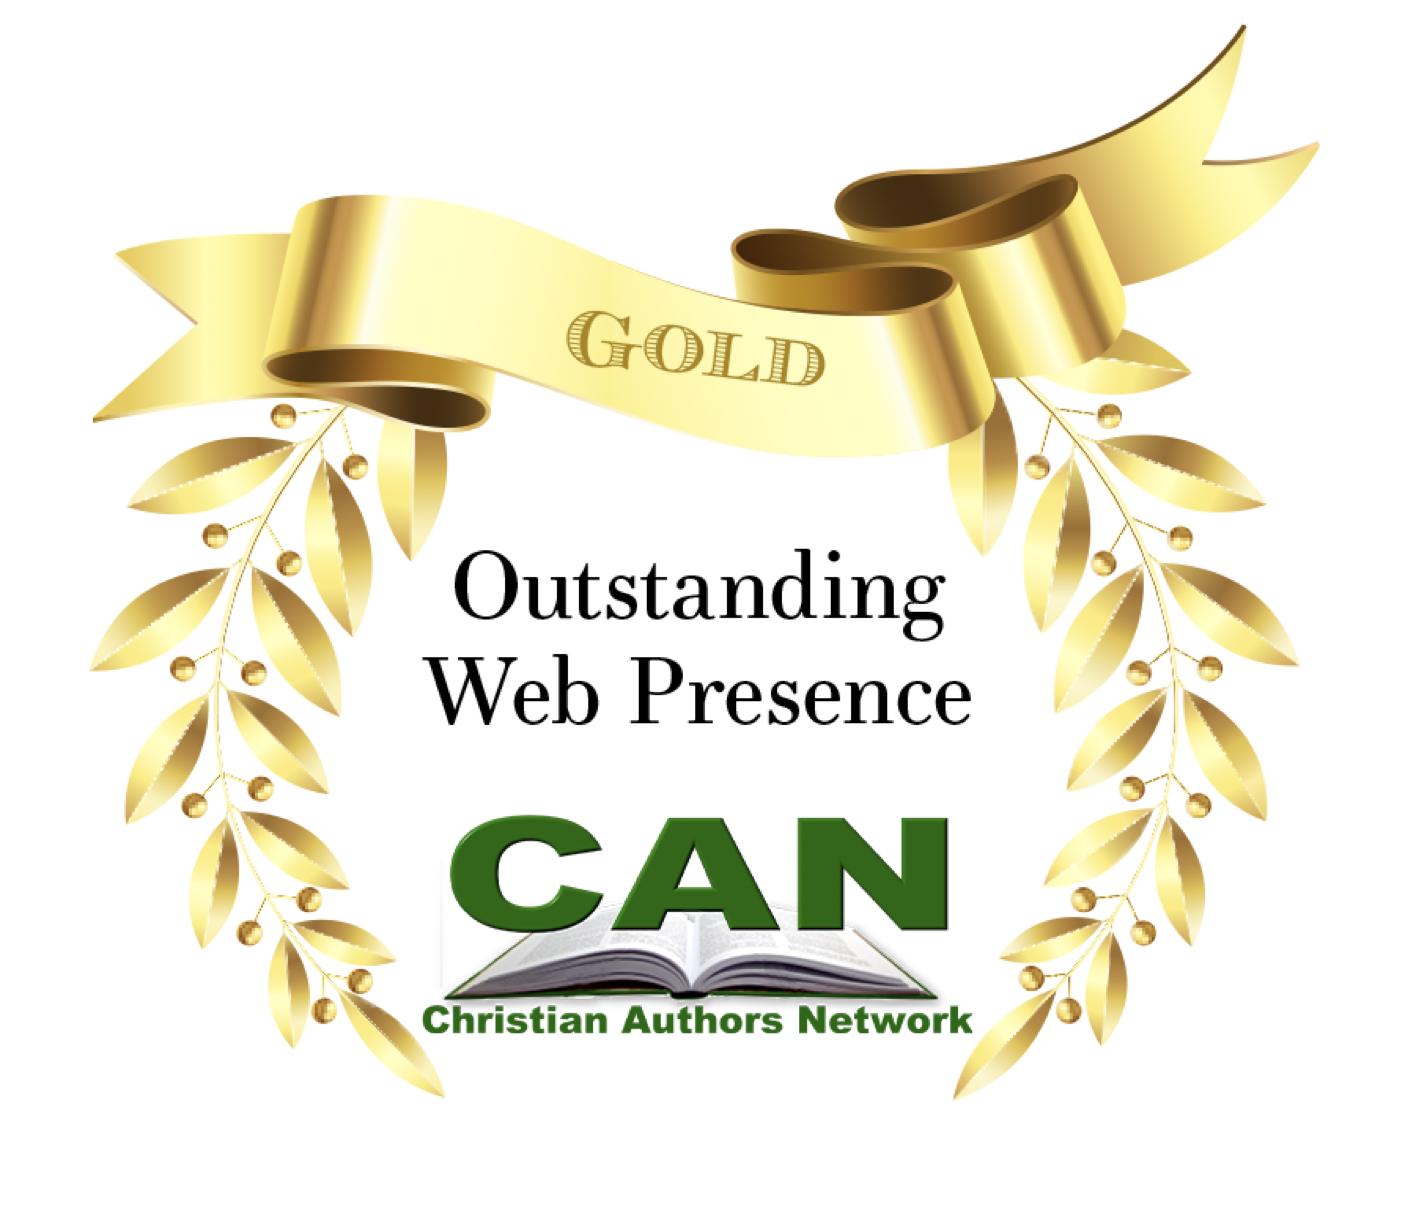 CAN Award Winner 2019